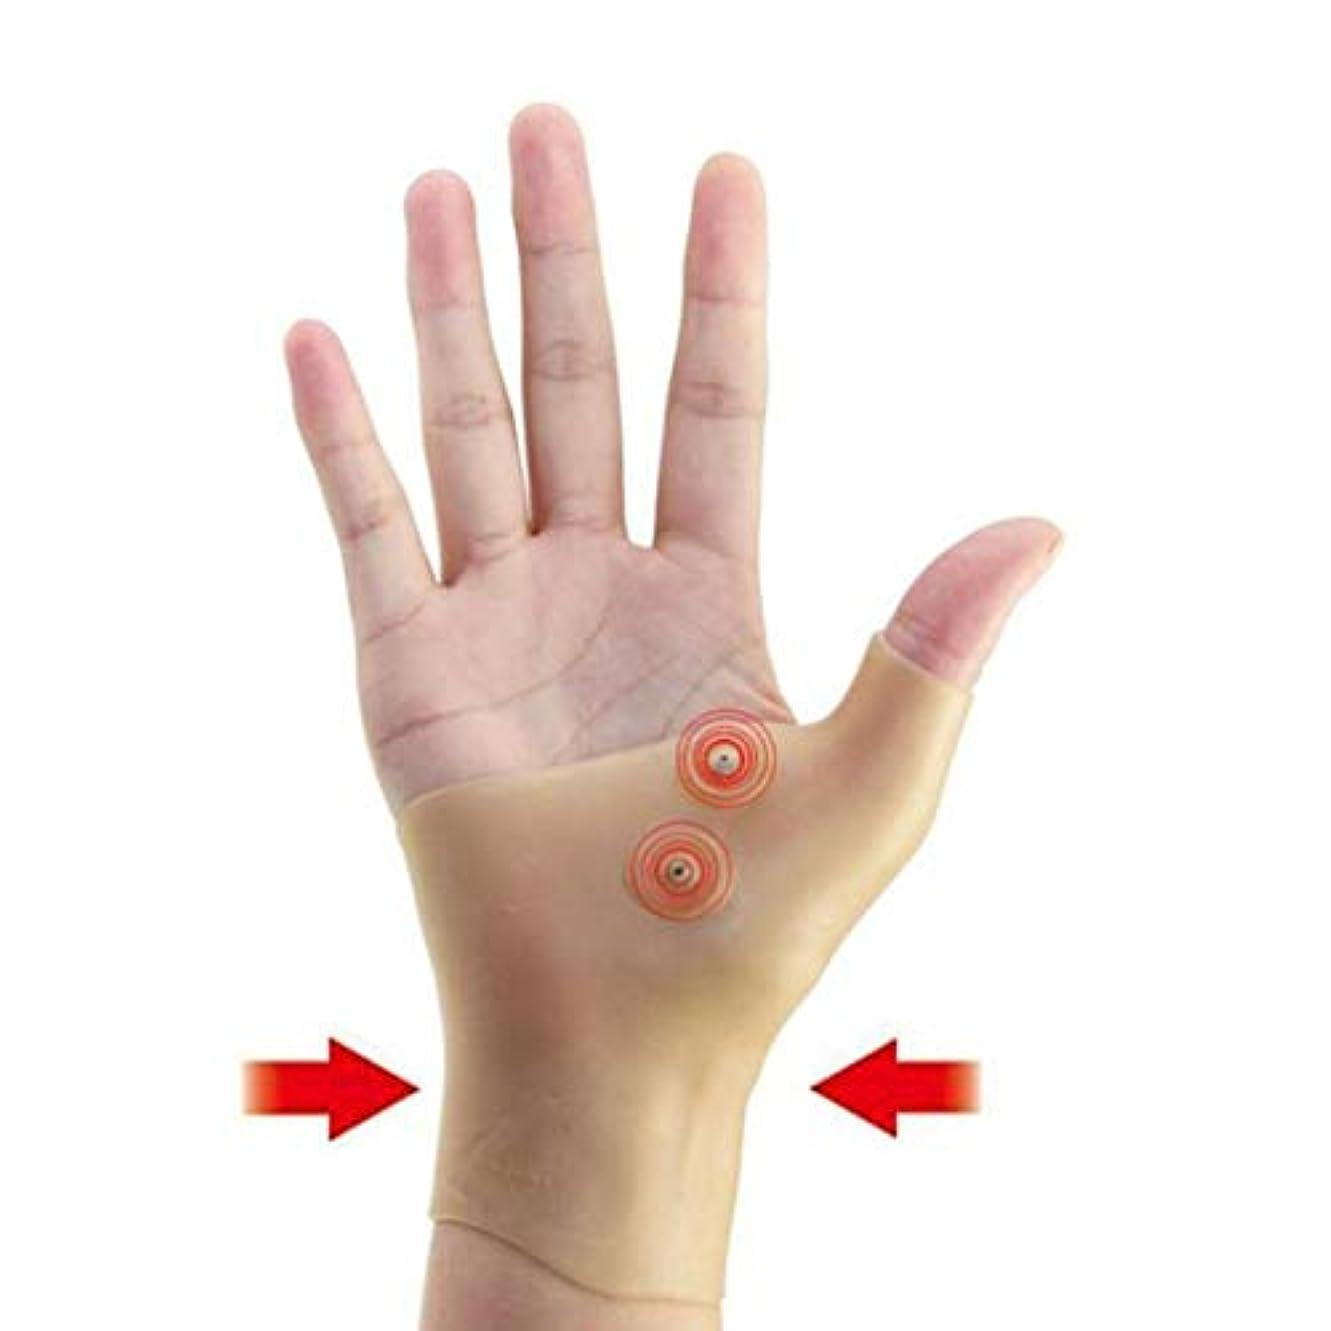 失統計的また明日ね磁気療法手首手親指サポート手袋シリコーンゲル関節炎圧力矯正器マッサージ痛み緩和手袋 - 肌の色